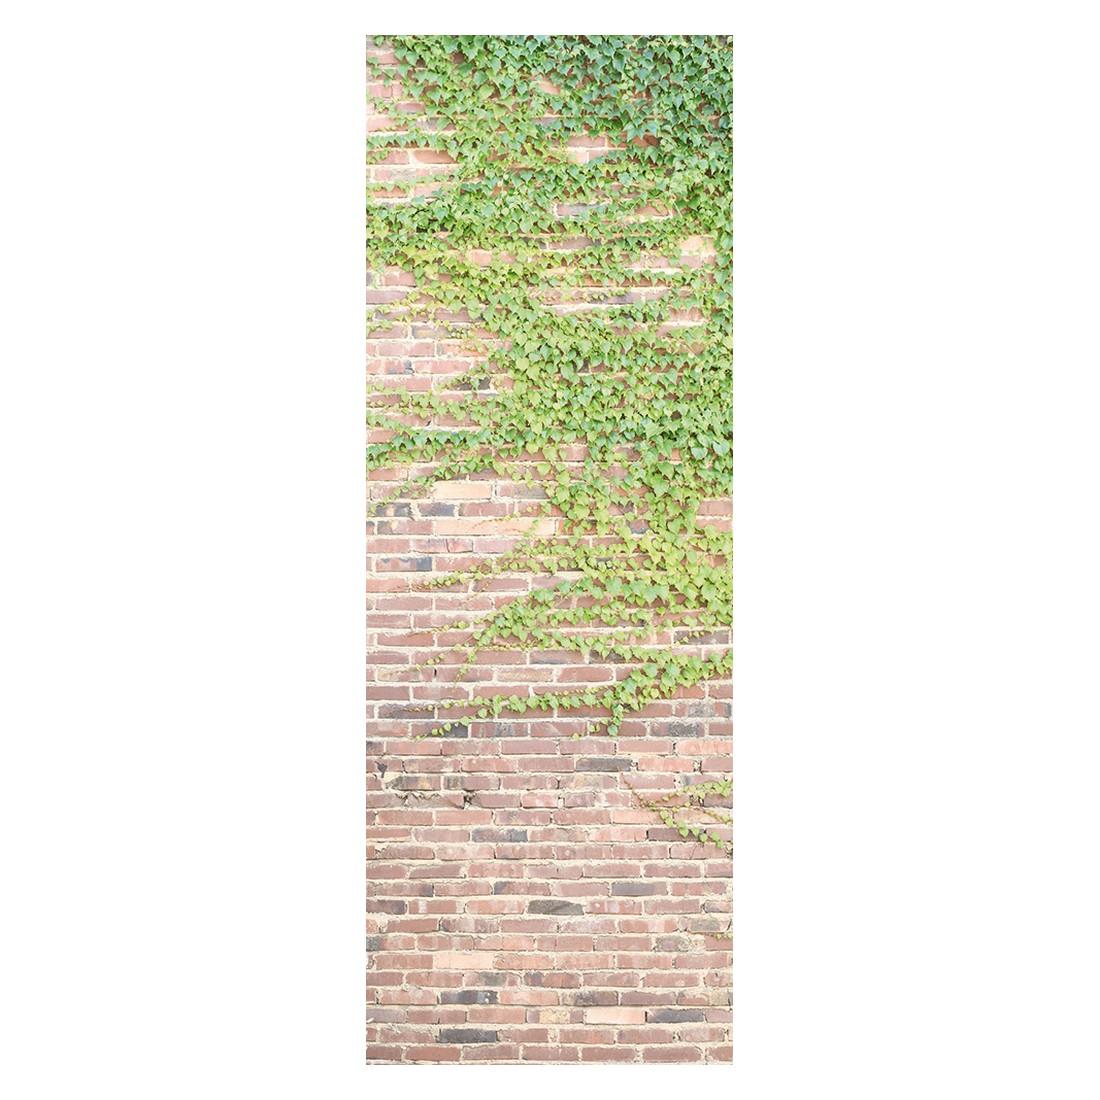 Decopanel In touch – braun, grau, grün – glatt, Architects Paper jetzt kaufen